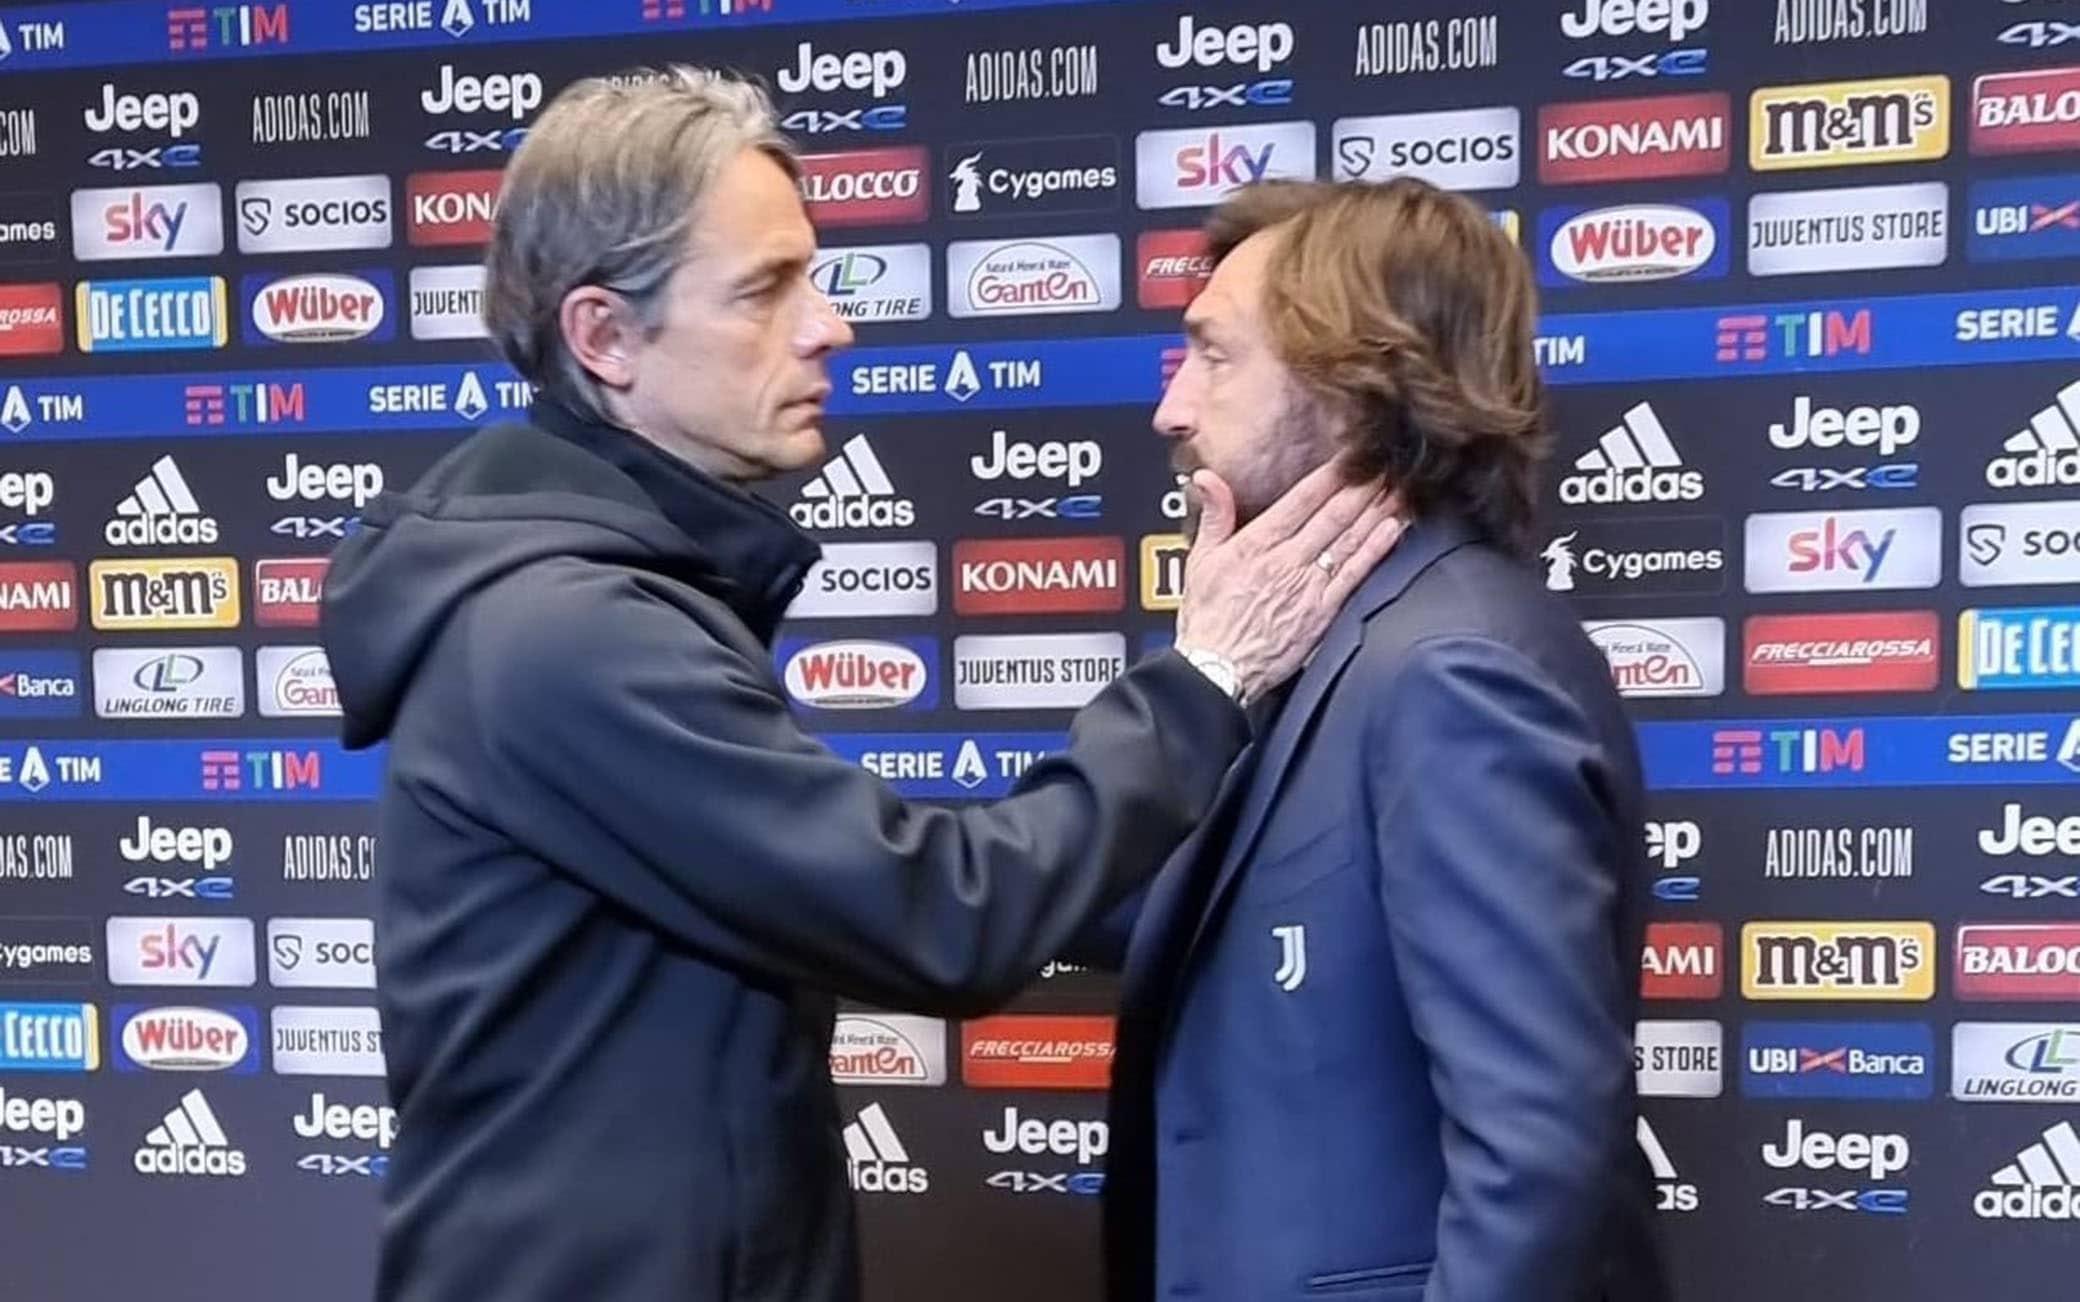 Inzaghi dopo Juve Benevento: 'Siamo un gruppo vero, ringrazierò a vita i  ragazzi'. VIDEO | Sky Sport